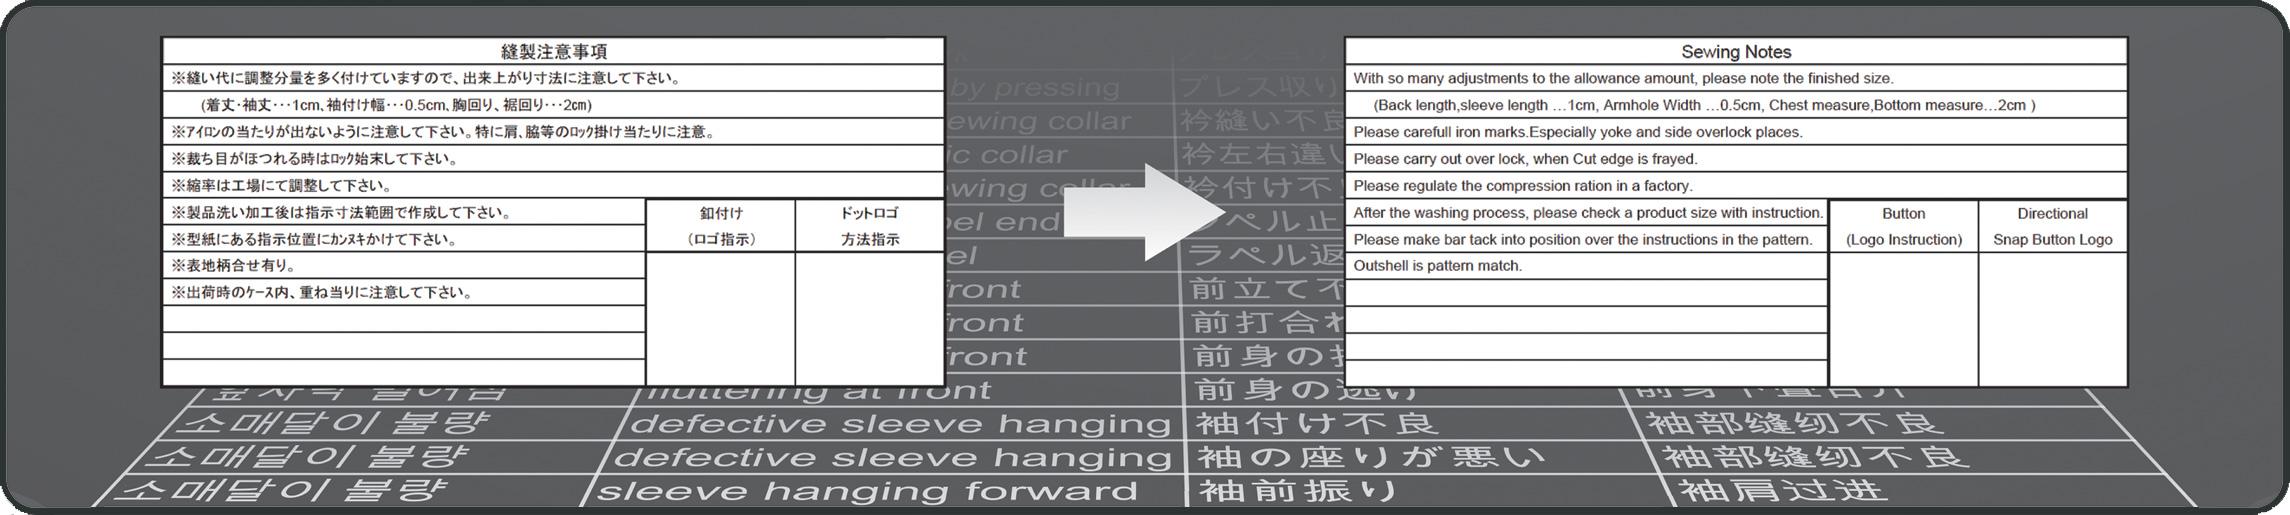 言語変換テーブルによる、日本語と同時に多国語の仕様書を作成